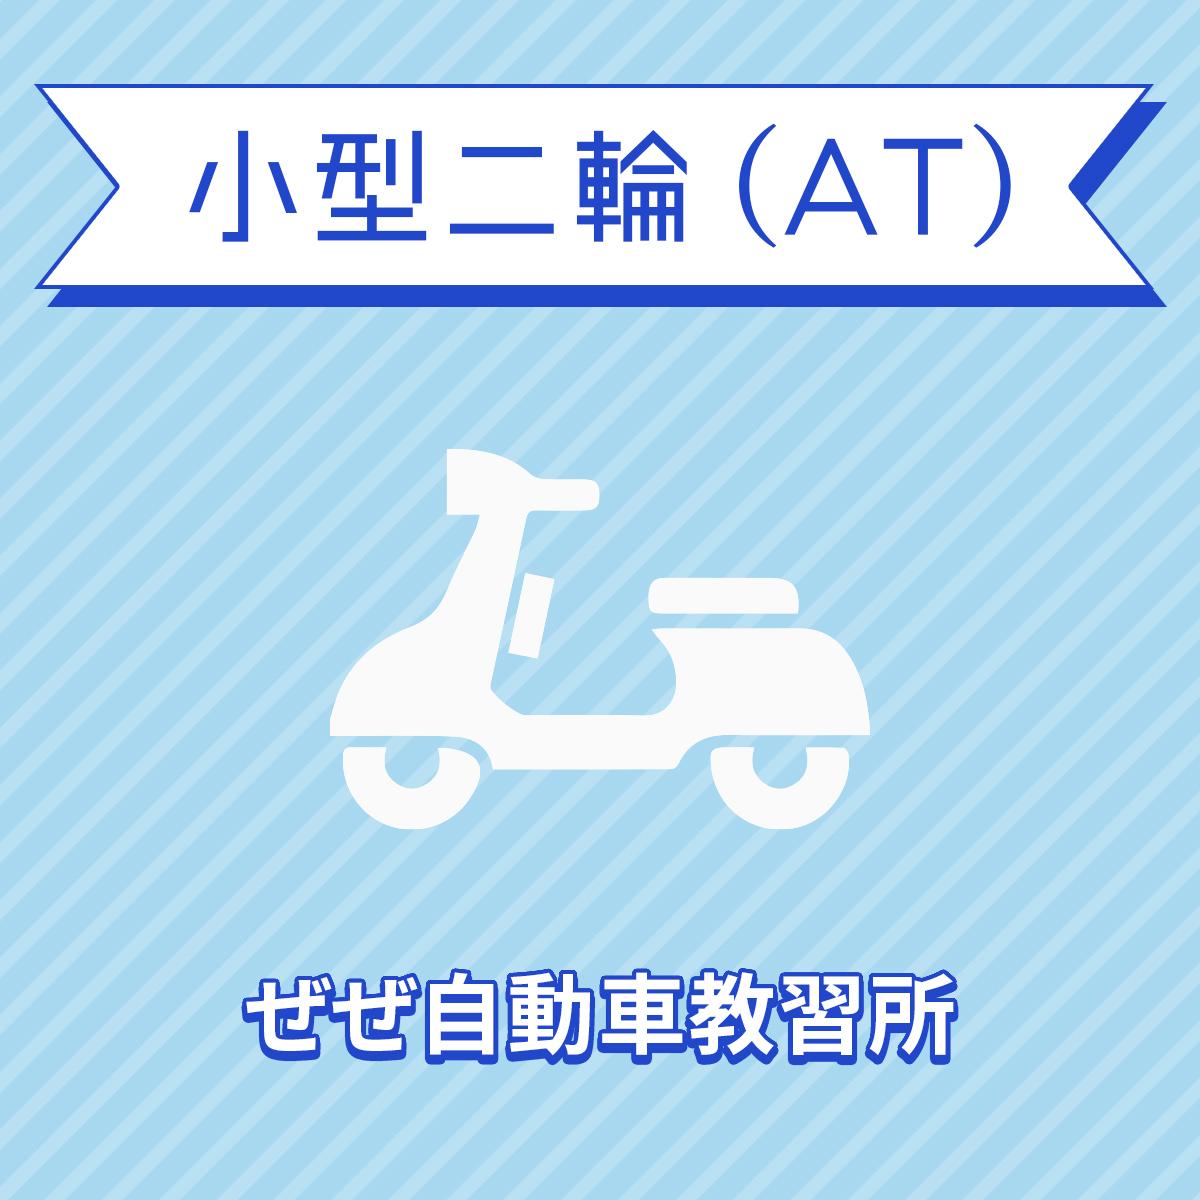 【滋賀県大津市】小型二輪ATコース(一般料金)<免許なし/原付免許所持対象>